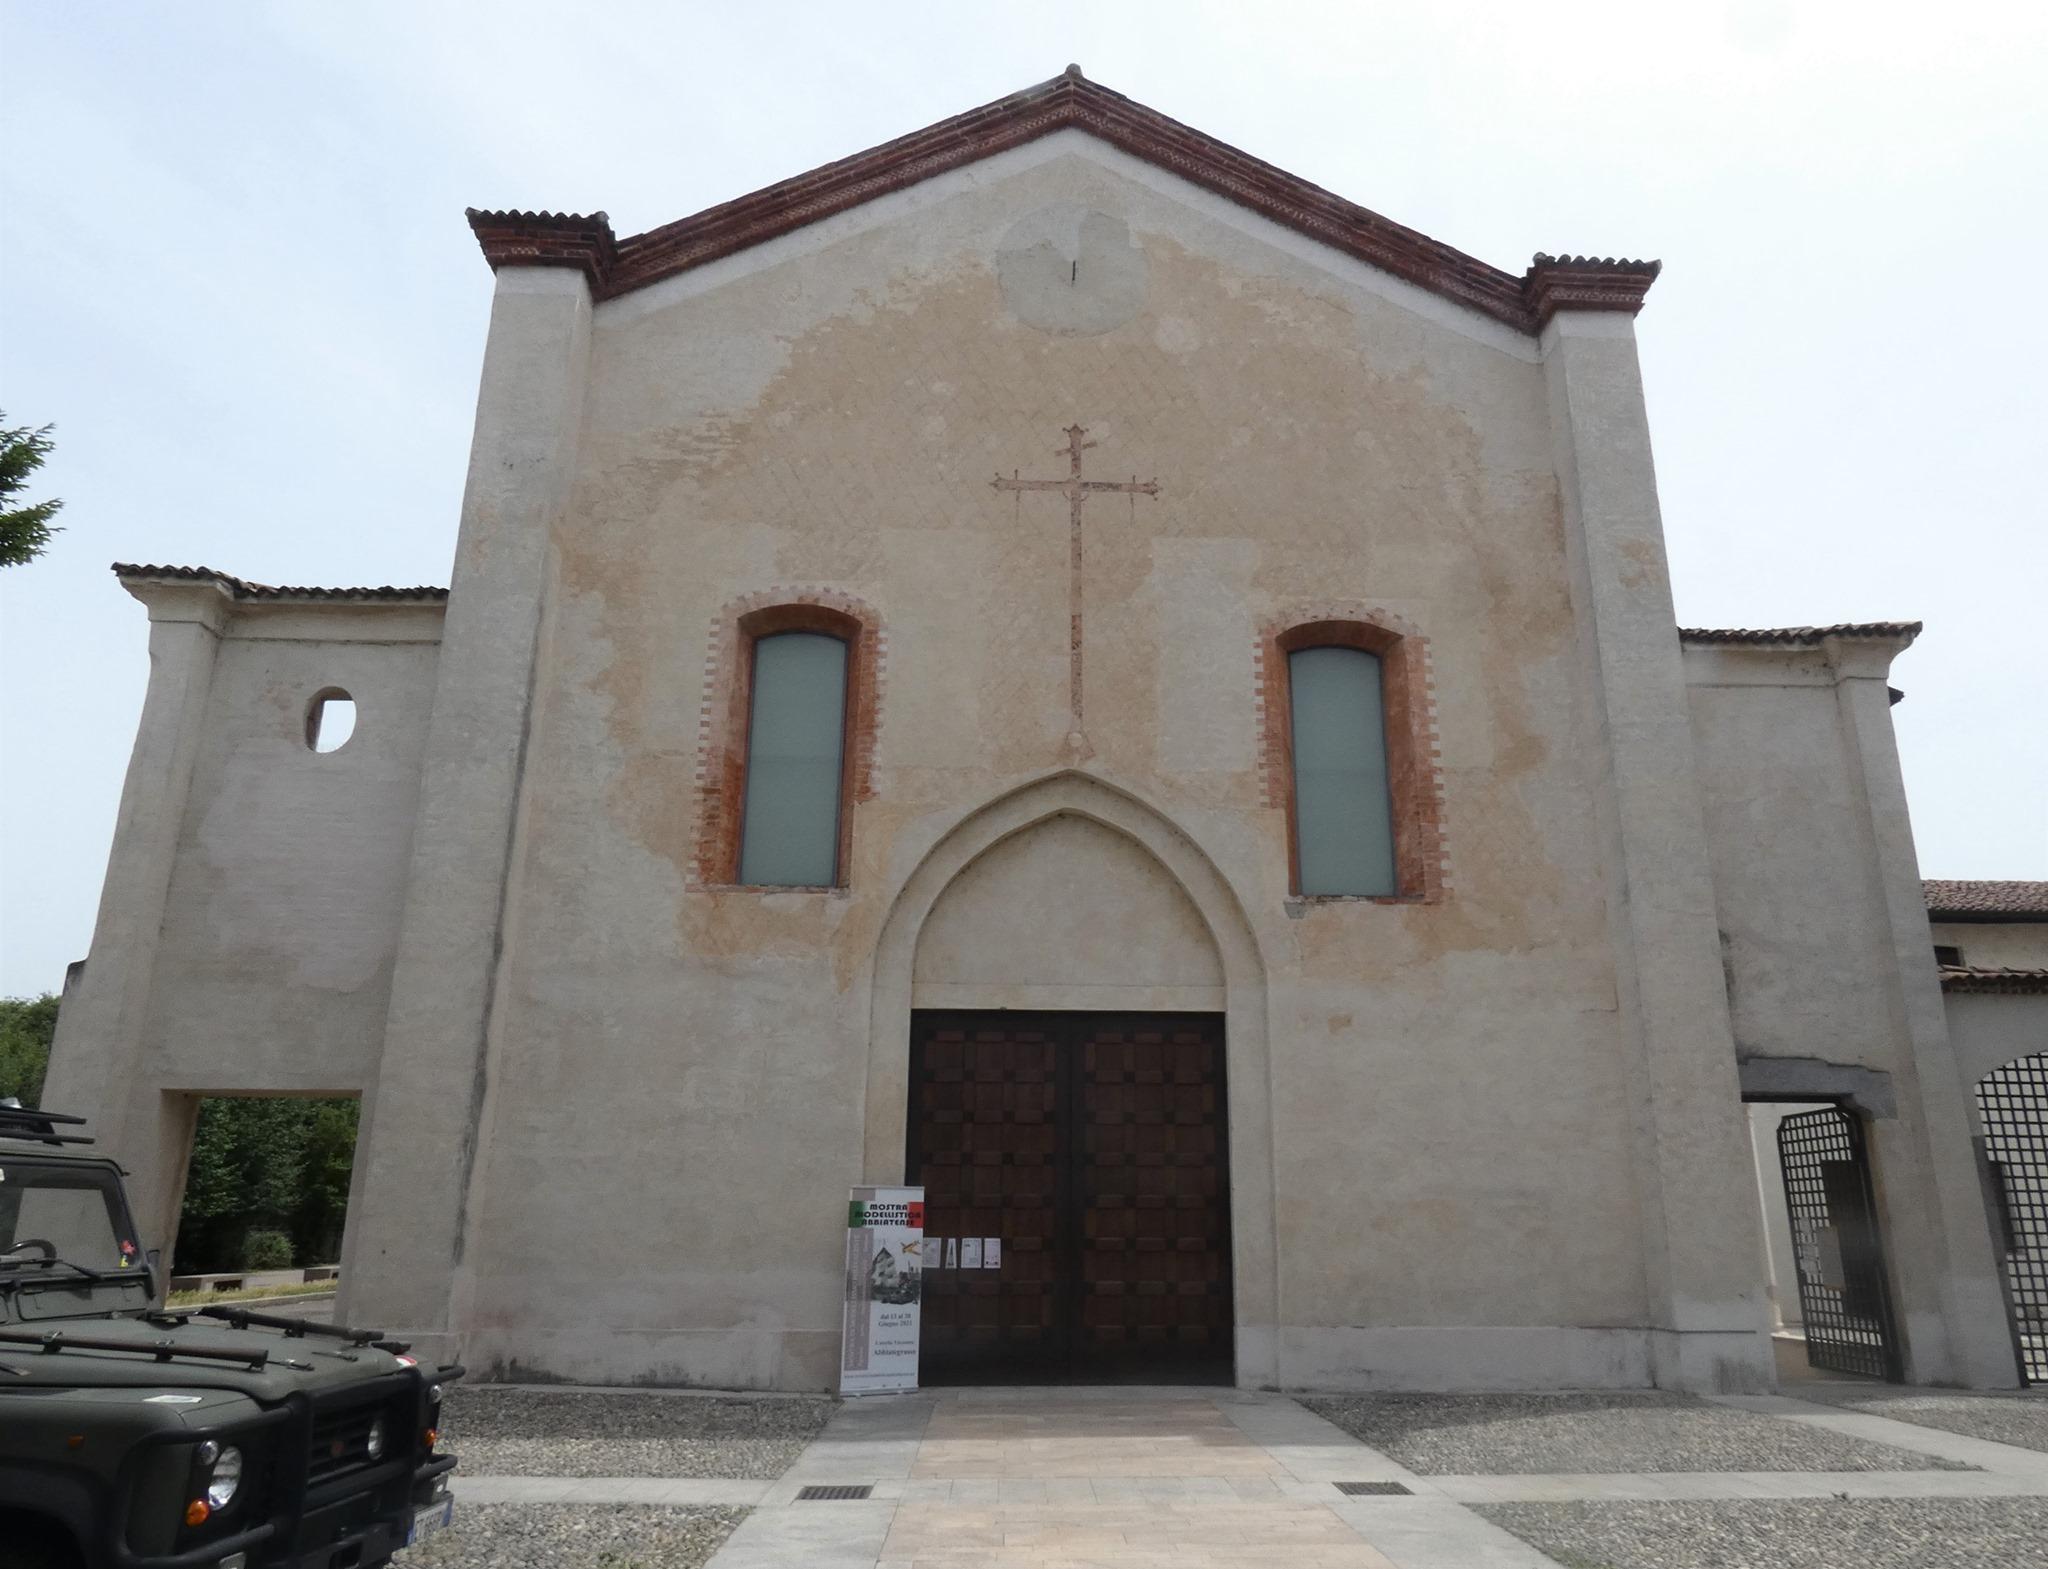 Facciata principale del Convento dell'Annunciata Abbiategrasso